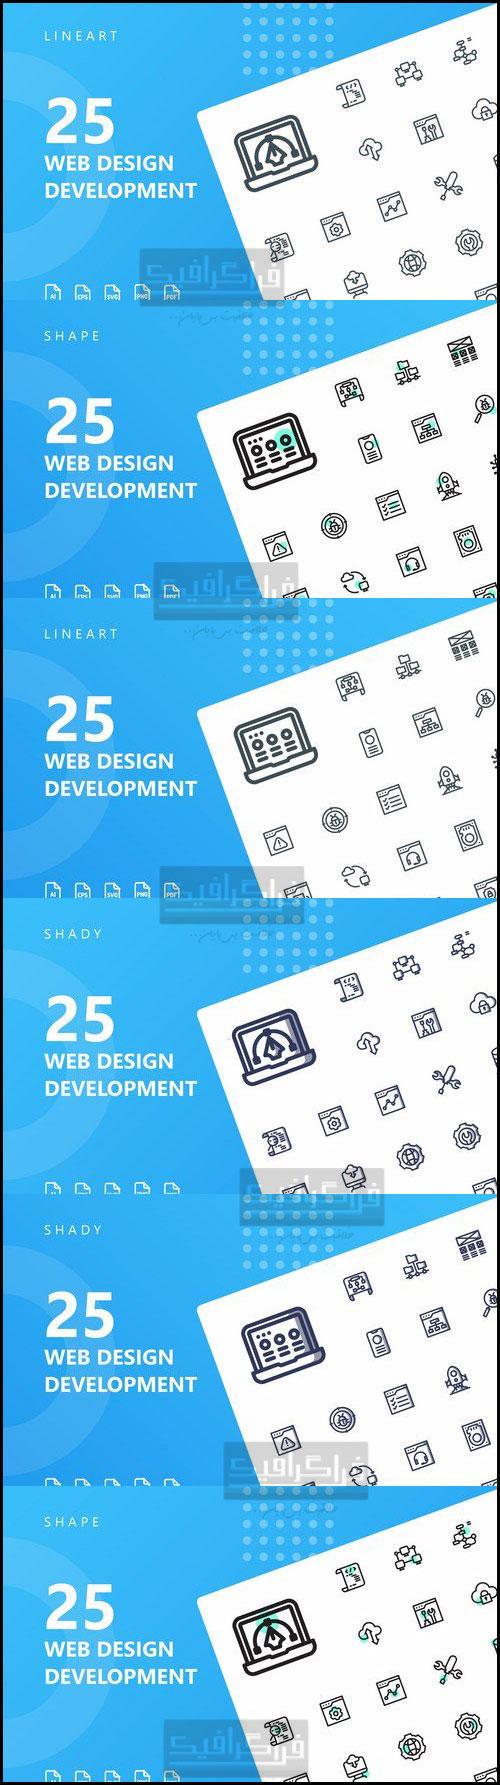 دانلود آیکون های خطی طراحی و توسعه وب